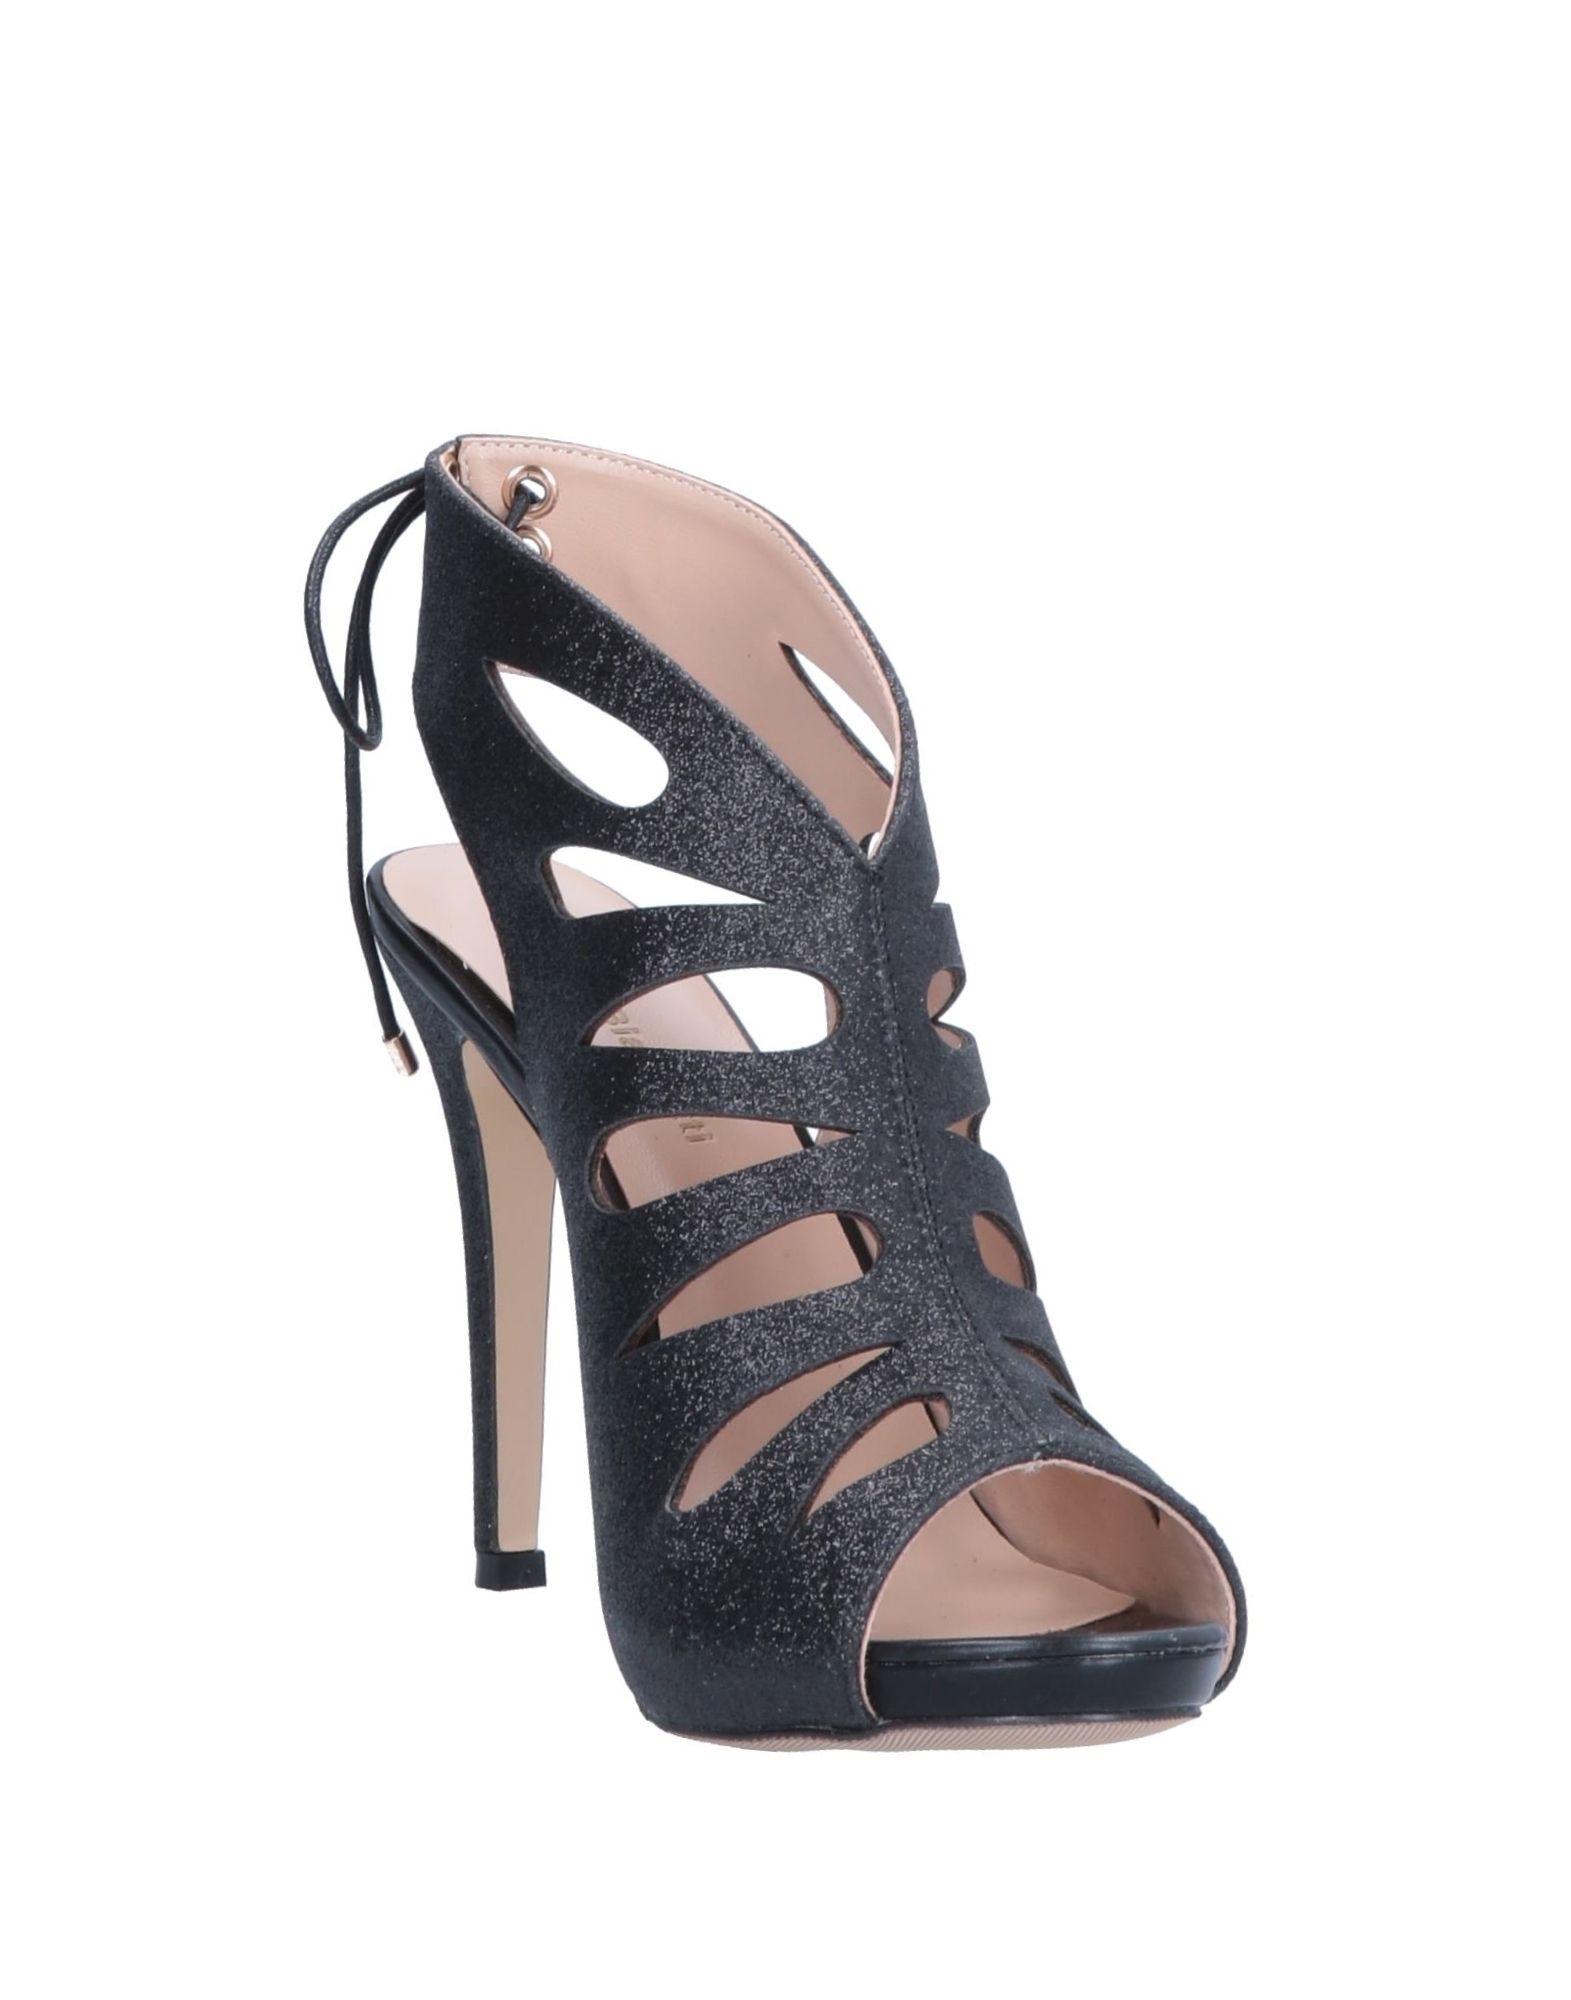 Klassischer Gutes Stil-3655,Laura Biagiotti Sandalen Damen Gutes Klassischer Preis-Leistungs-Verhältnis, es lohnt sich cc90dd